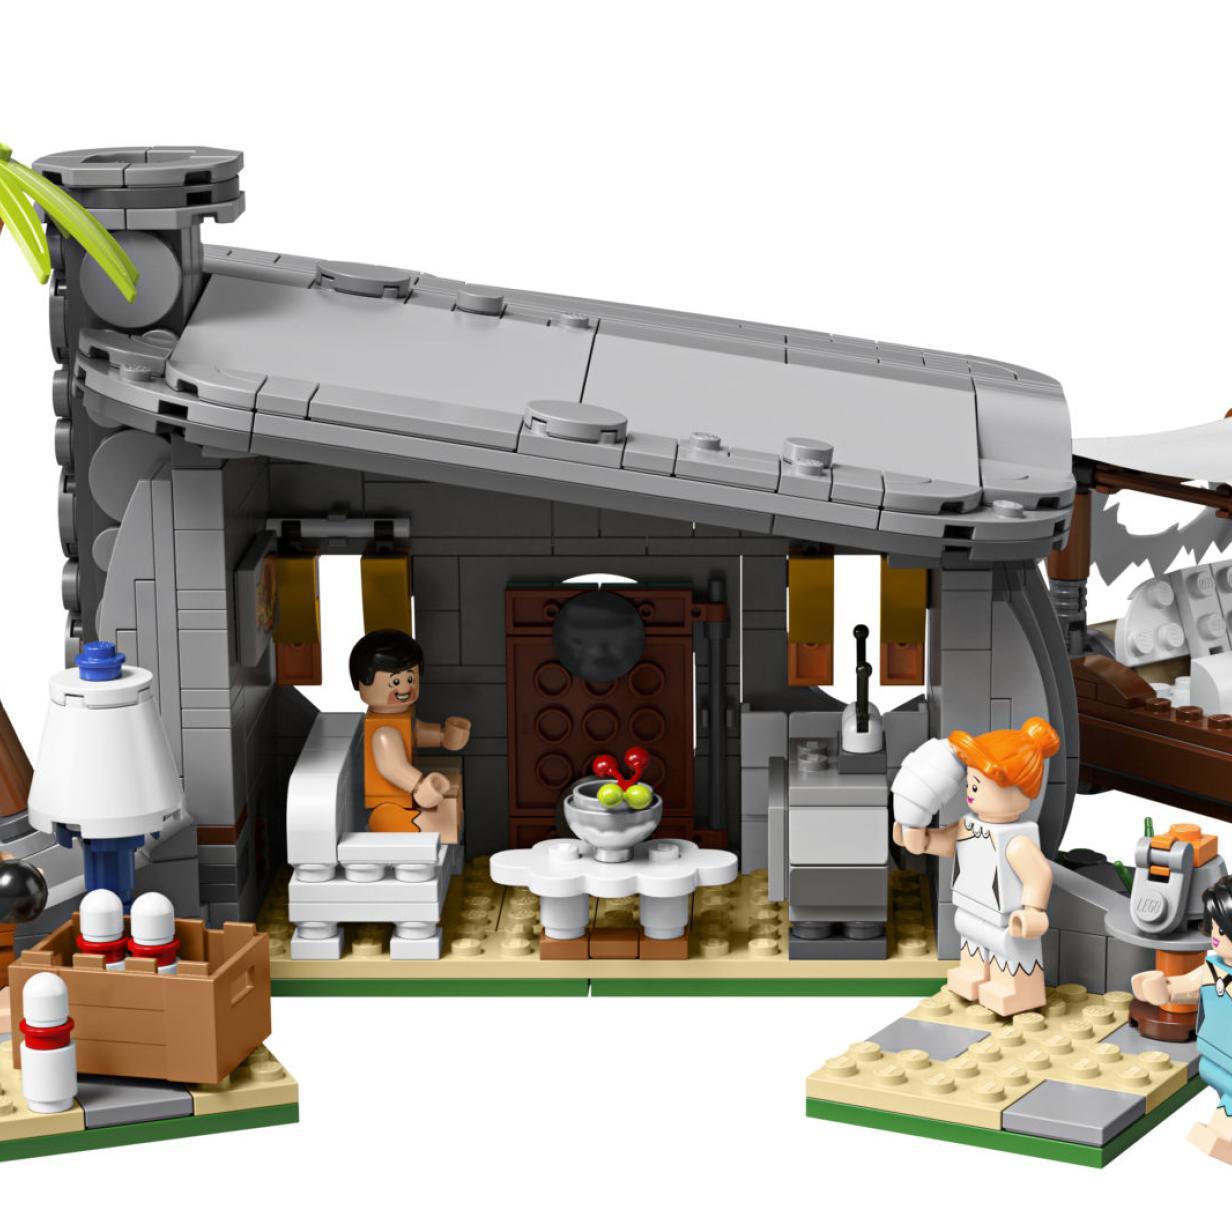 Dino finden und Familie Feuerstein LEGO-Set gewinnen